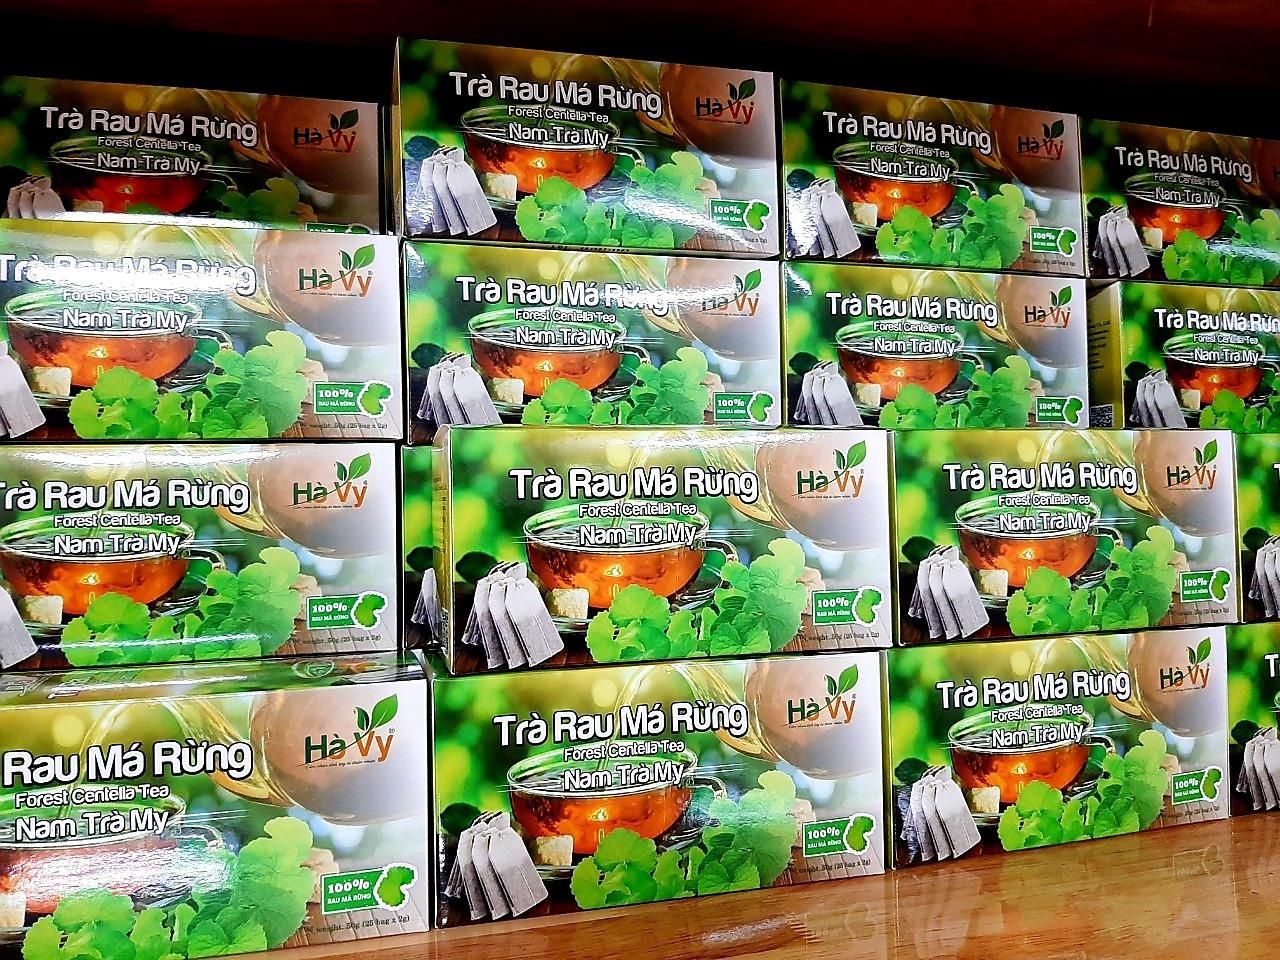 Trà rau má rừng nguyên chất của Cơ sở sản xuất & kinh doanh Hà Vy đã được công nhận sản phẩm đạt chuẩn OCOP 3 sao cấp tỉnh năma 2019. Ảnh: N.P